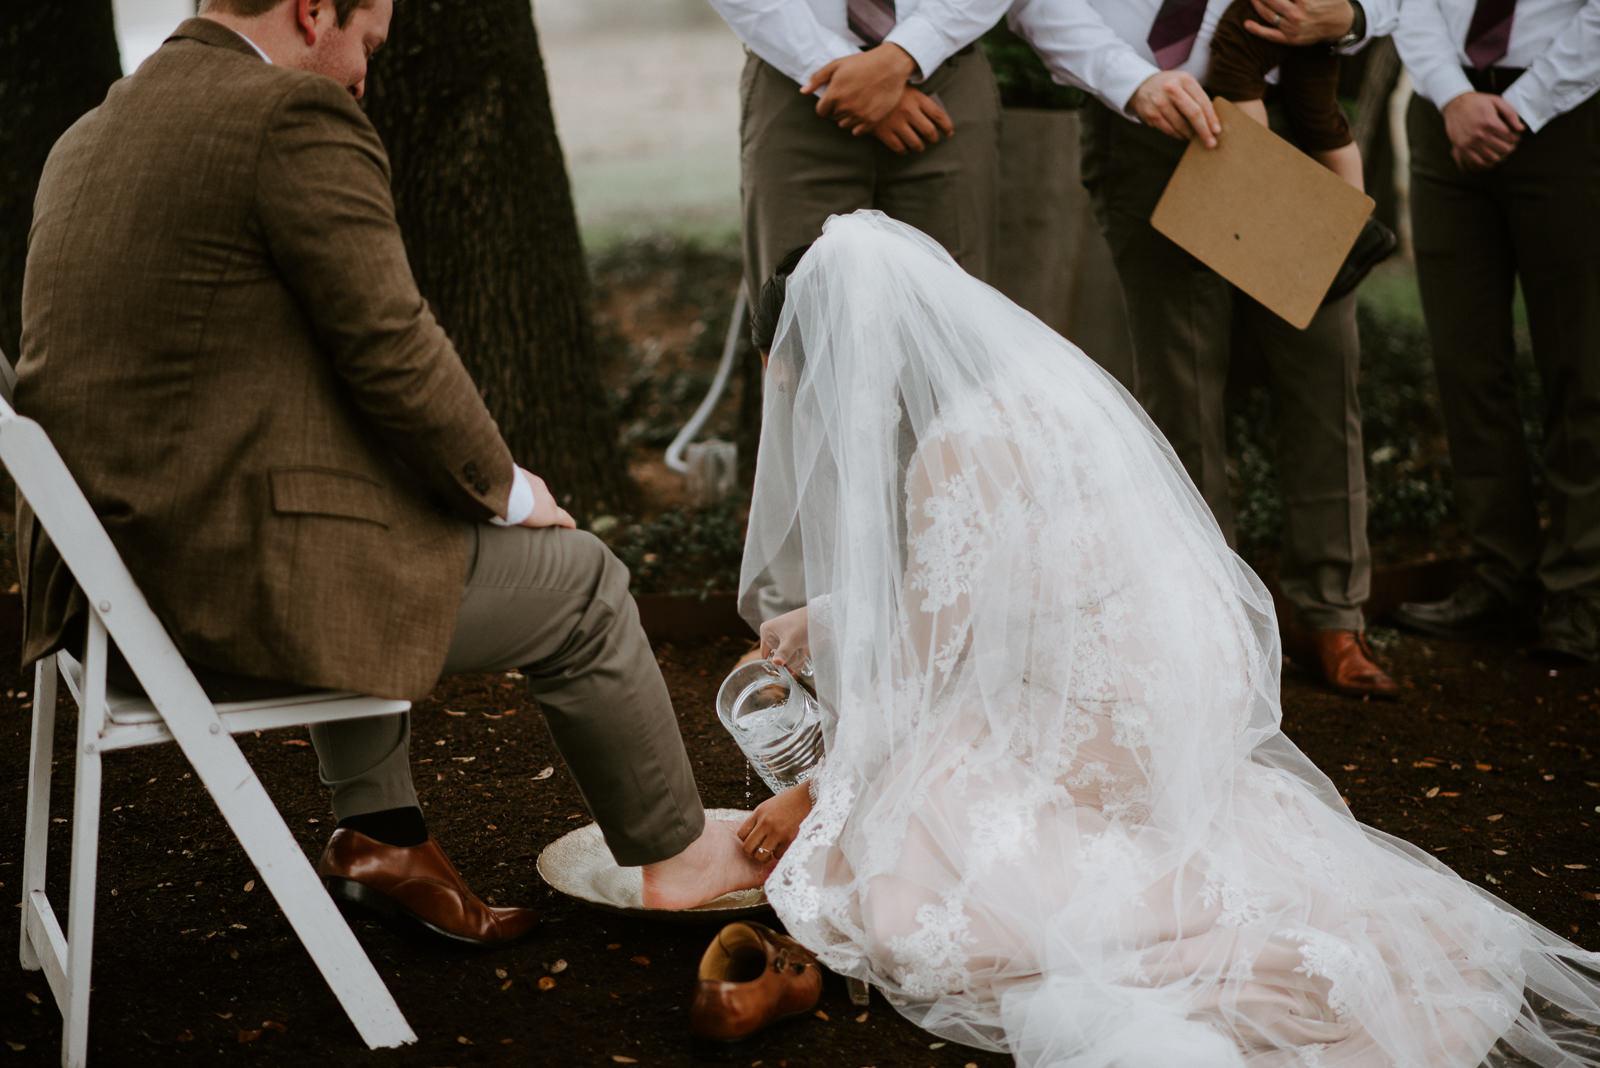 wedding feet washing ceremony in austin texas